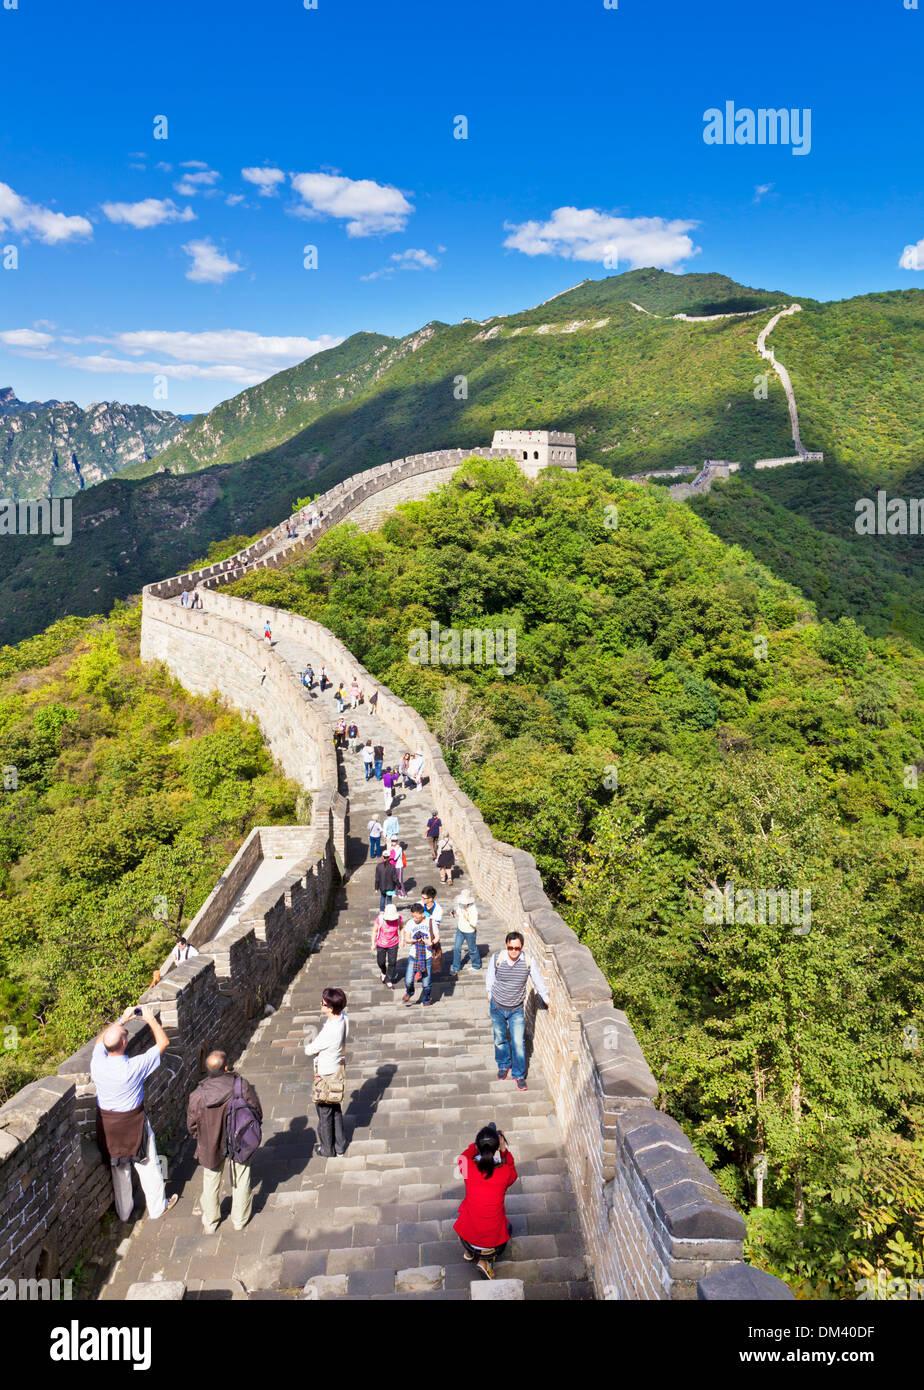 Los turistas que visitan la Gran Muralla de China, Sitio del Patrimonio Mundial de la UNESCO, Mutianyu, distrito de Beijing, China, Asia Imagen De Stock